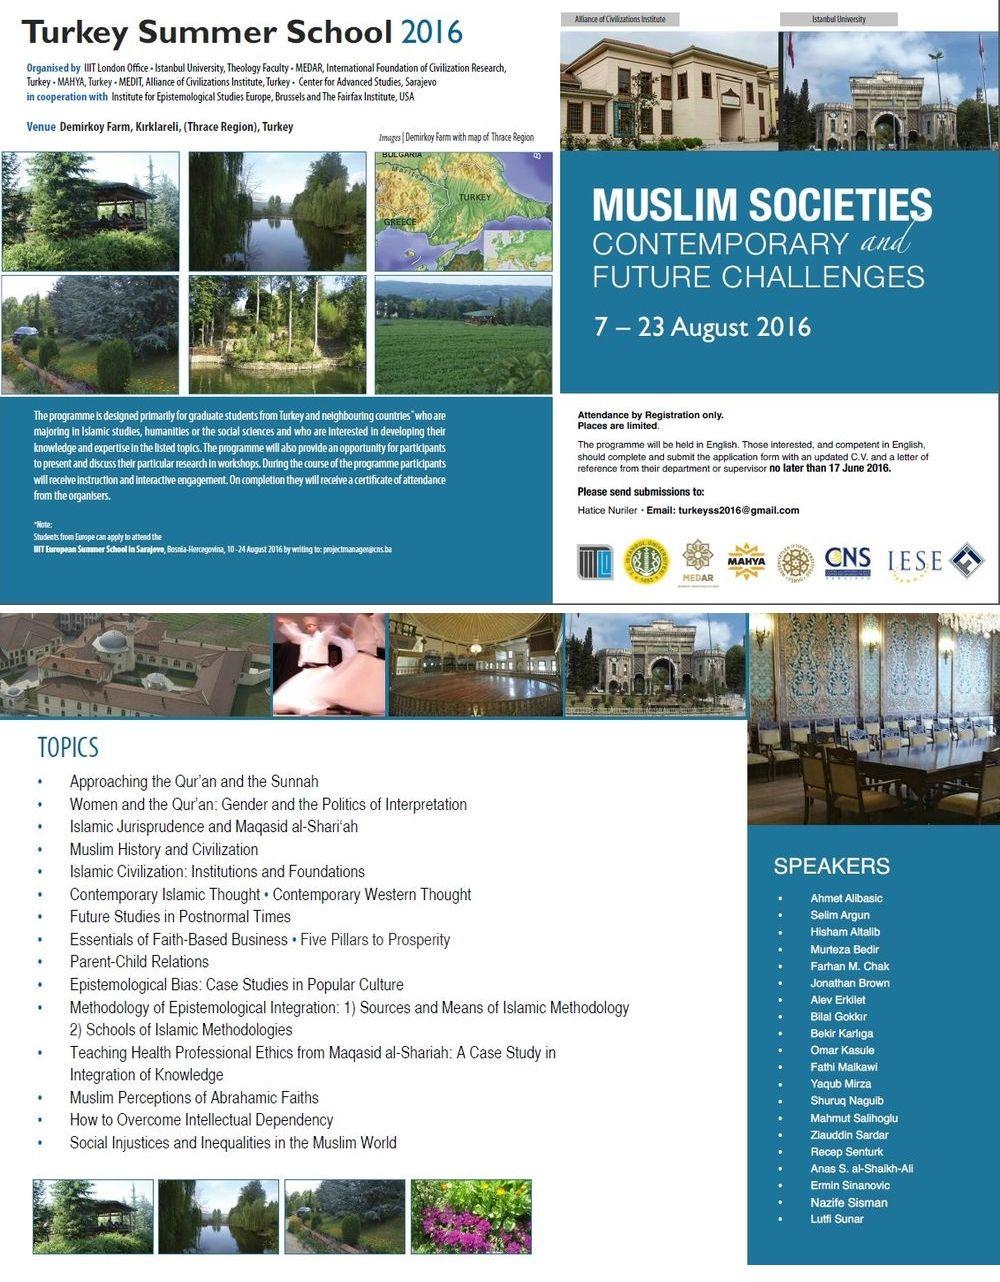 'Müslüman Toplumlar: Günümüz ve Gelecek Meseleleri' Yaz Okulu